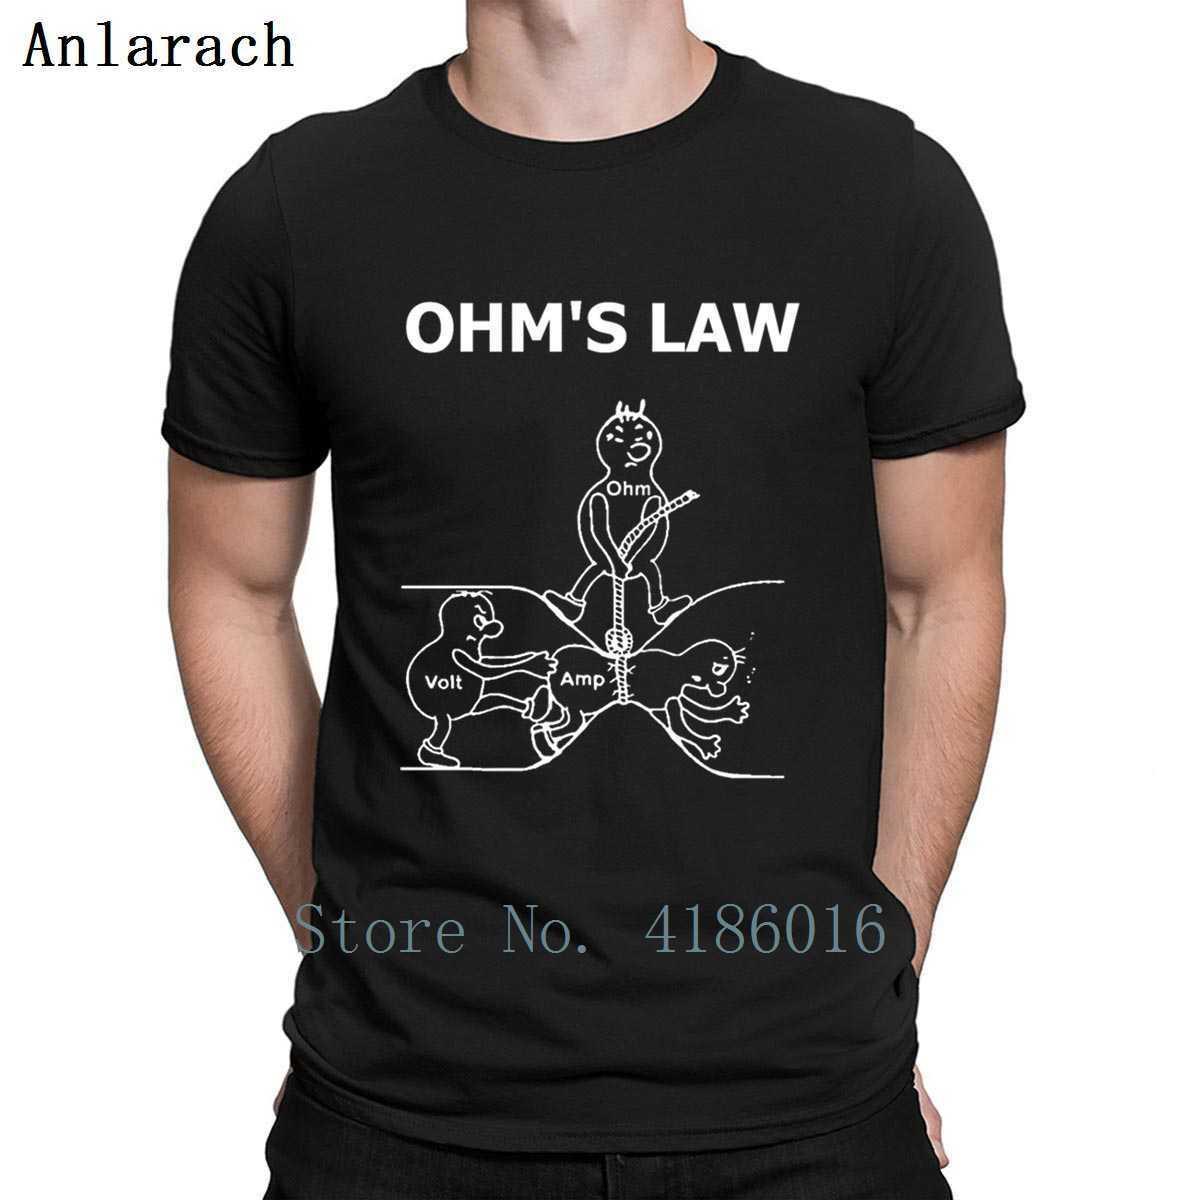 Ohmsche Gesetz für Elektroingenieur T-Shirt Buchstaben S-5xl Cotton Homme neue Art und Weise erstellen Frühlings-Herbst Interessantes Hemd